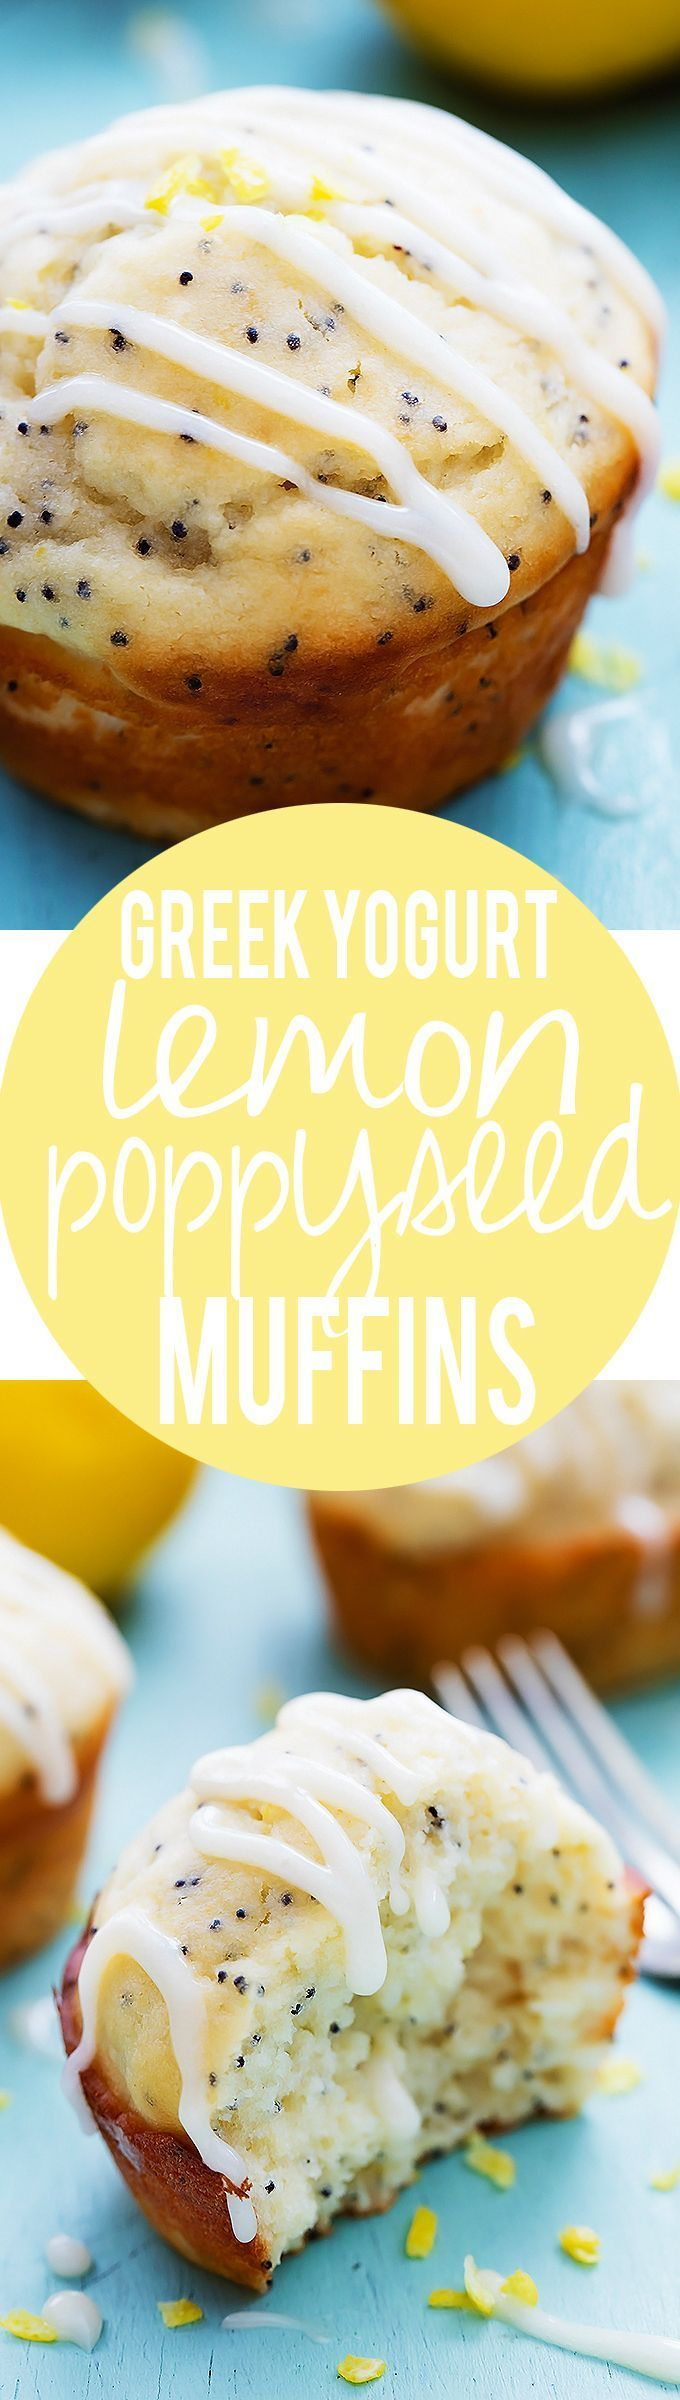 Muffins de limón, yogur griego y con semillas de amapola.